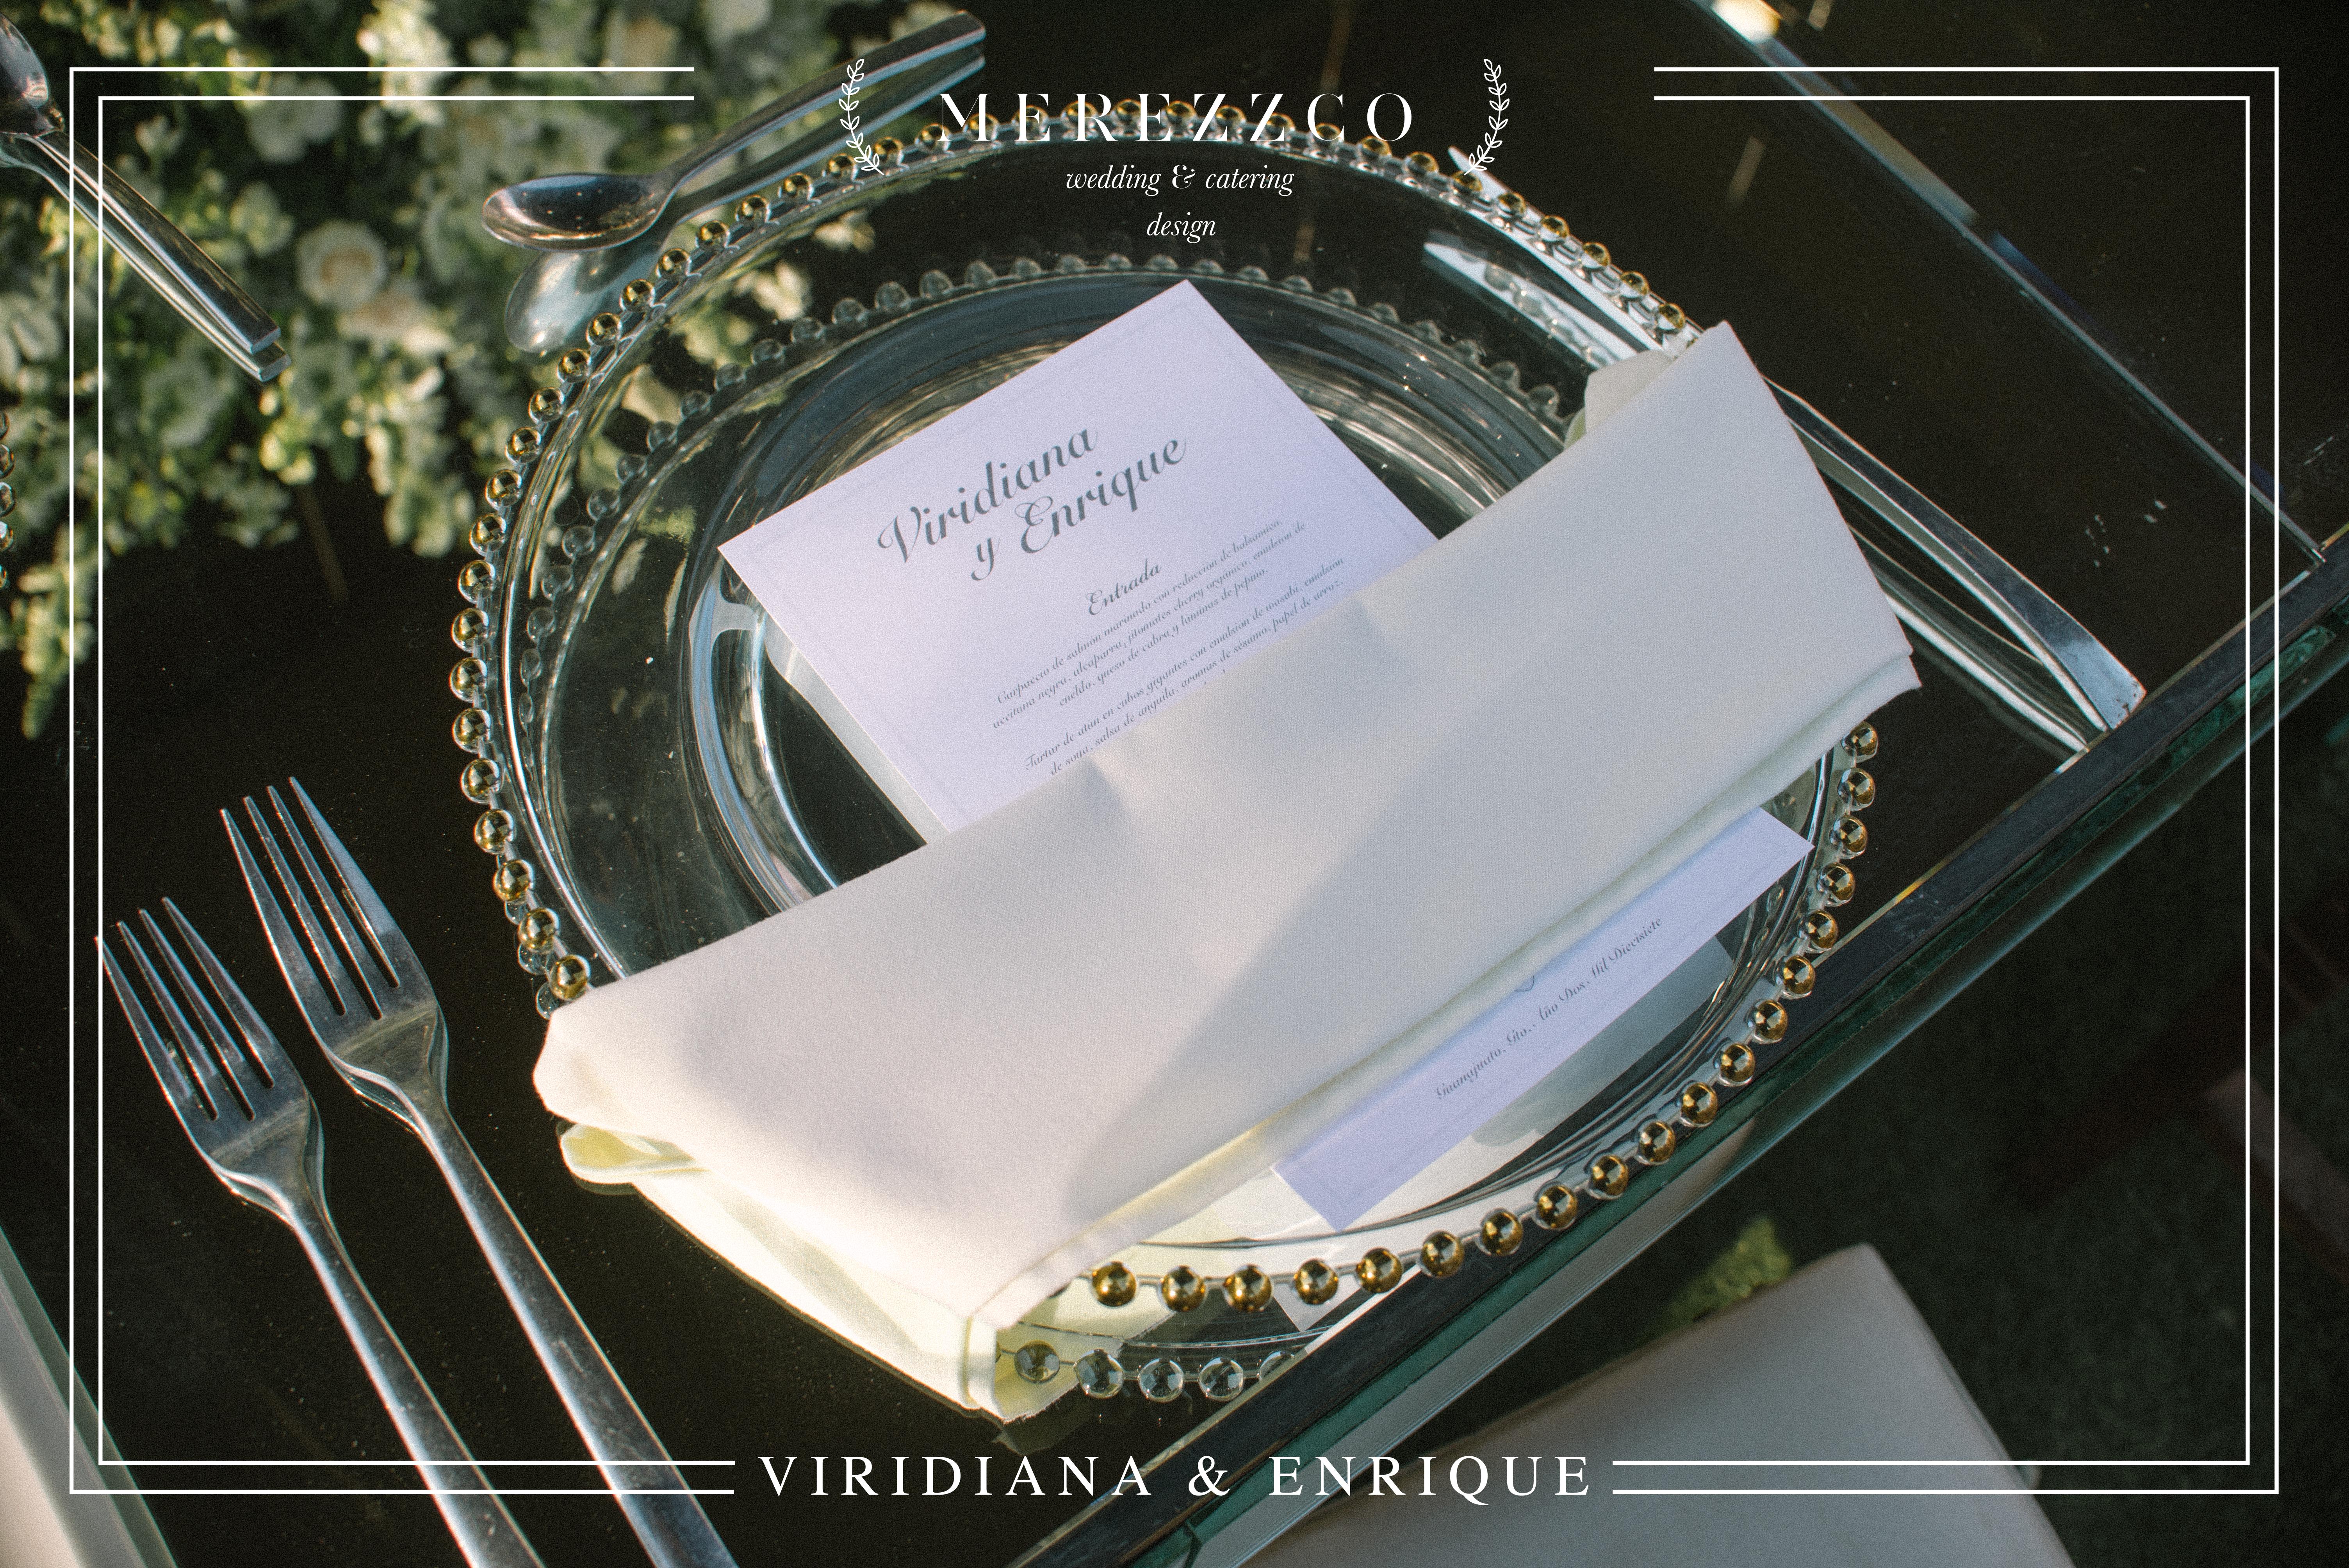 Viridiana & Enrique 4